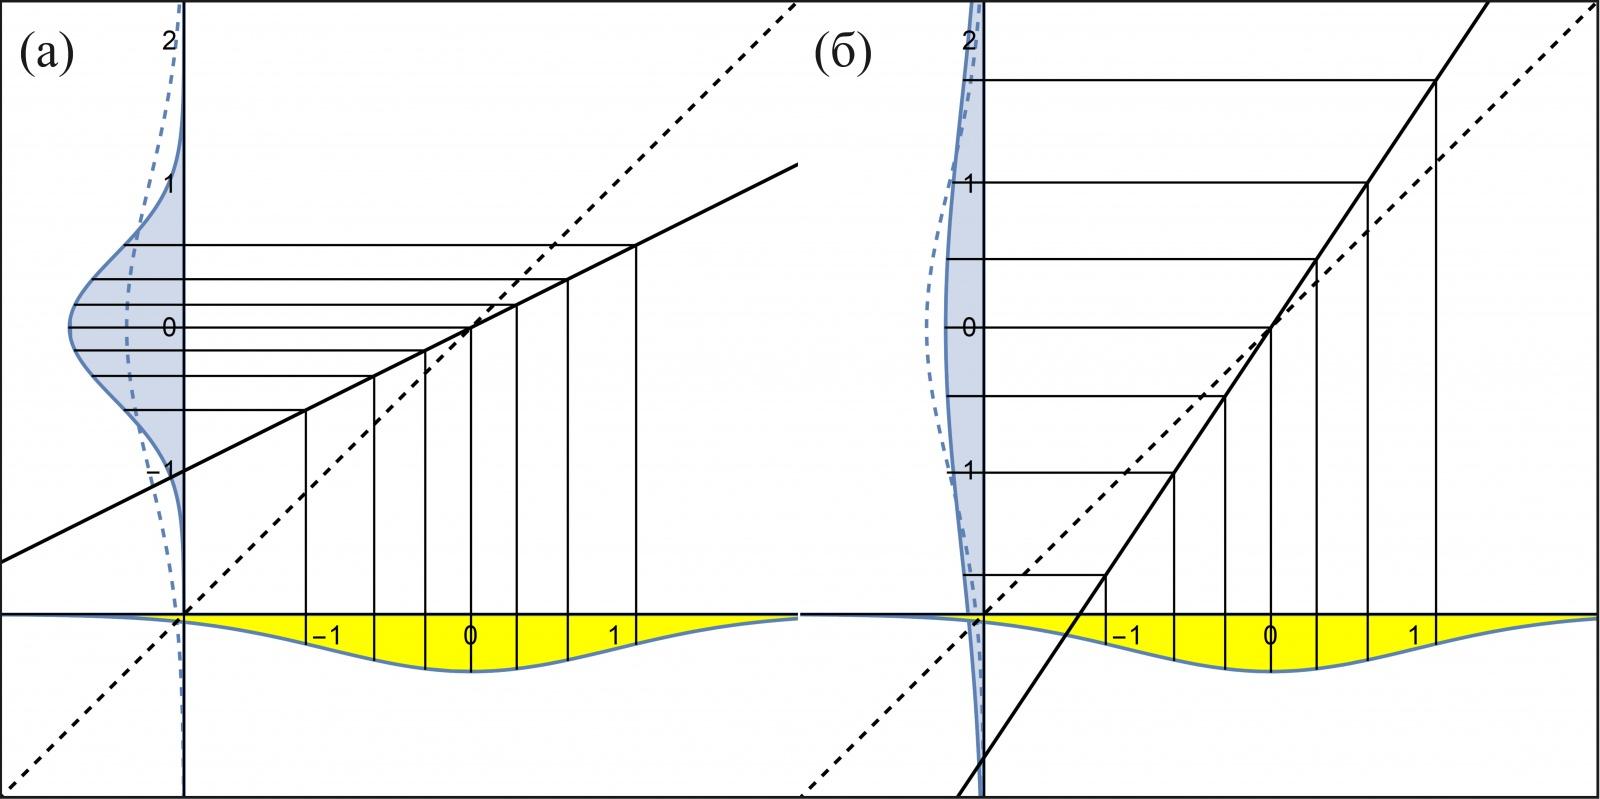 Рис. 6: (а) Зависимость теоретических квантилей нормального распределения N(0, 0.5) от теоретических квантилей стандартного нормального распределения N(0, 1). (б) Зависимость теоретических квантилей нормального распределения N(0, 2) от тех же теоретических.